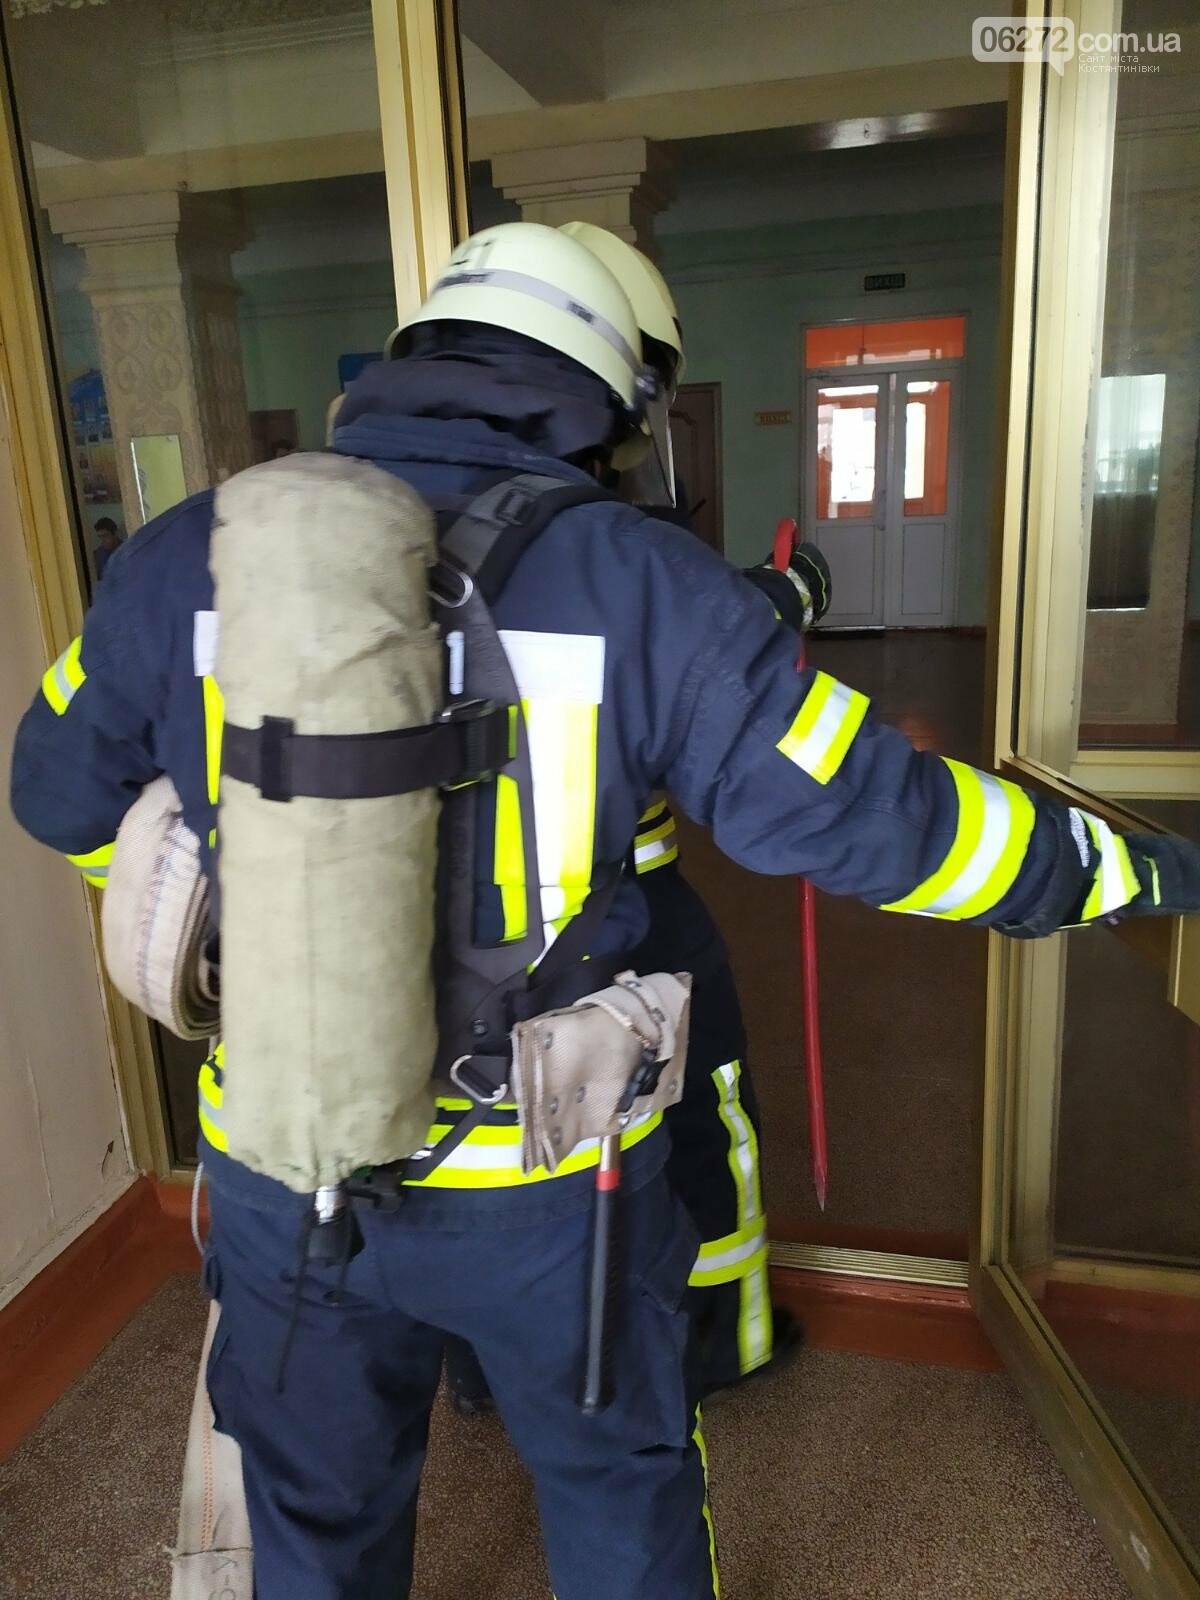 Рятувальники Костянтинівки провели навчання на території медичного коледжу, фото-1